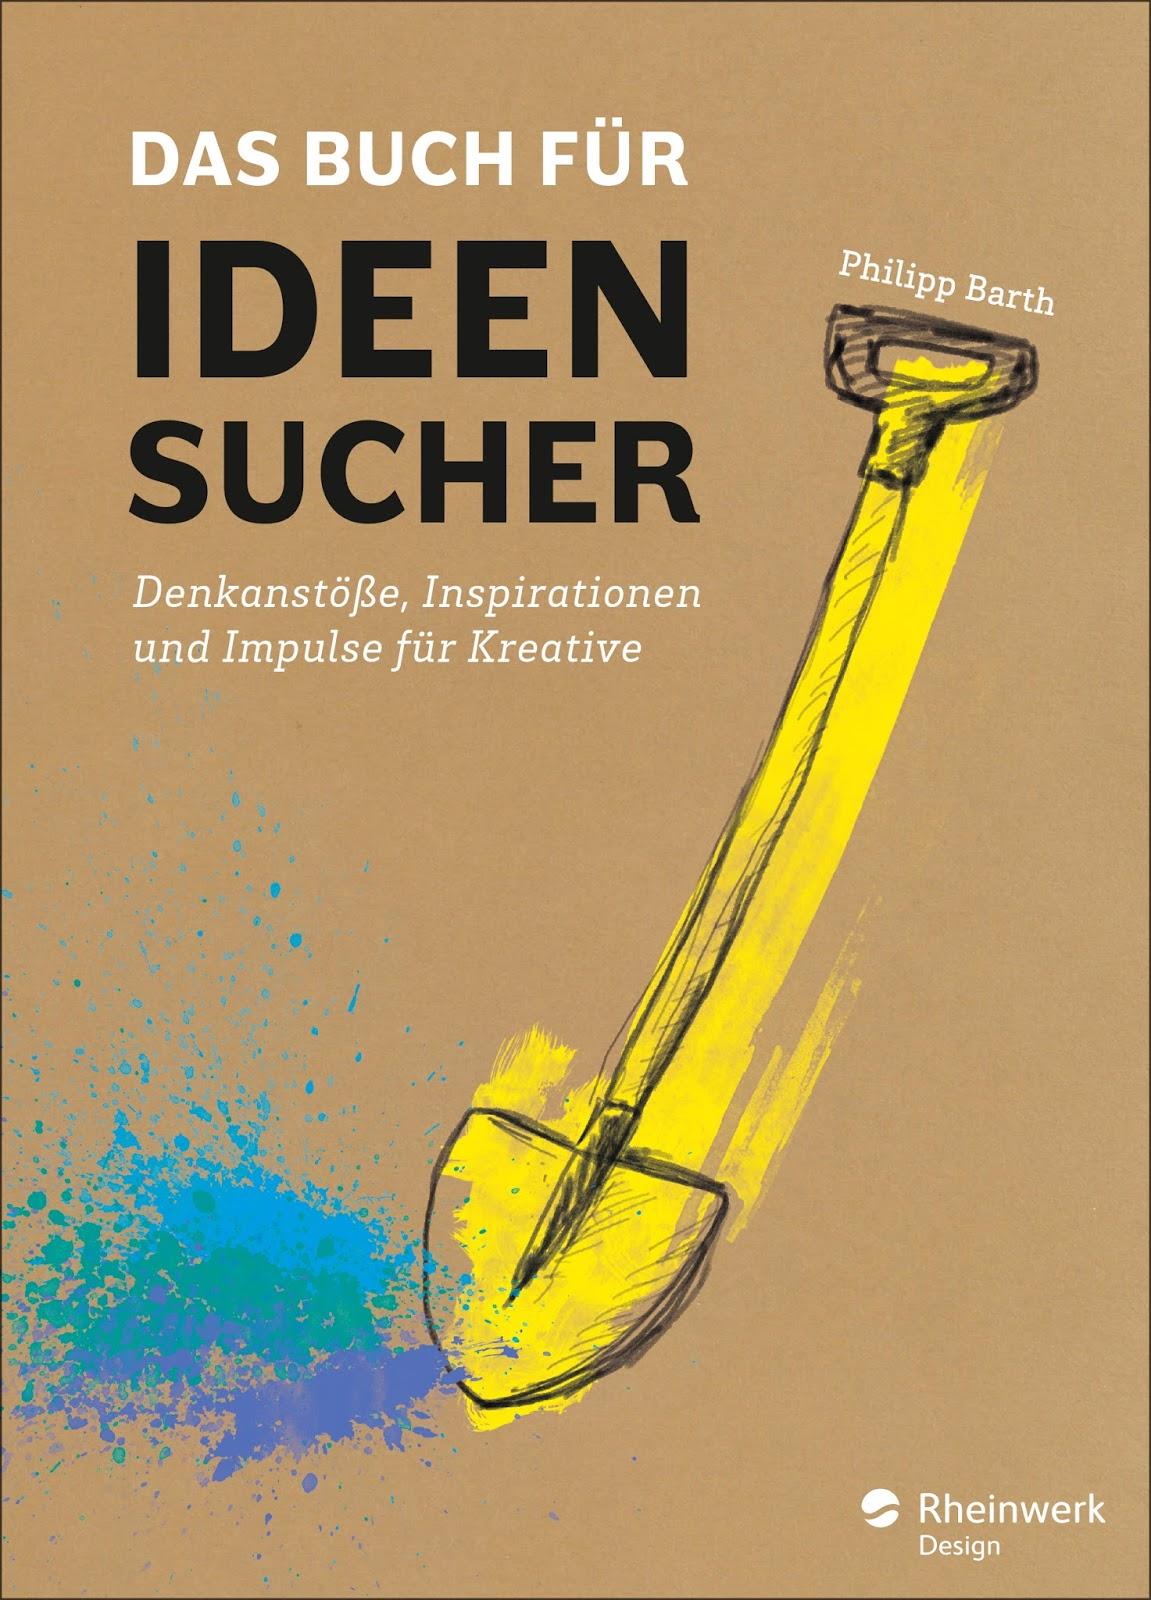 Das Buch für Ideensucher (Rezension) | Die Seilerseite.